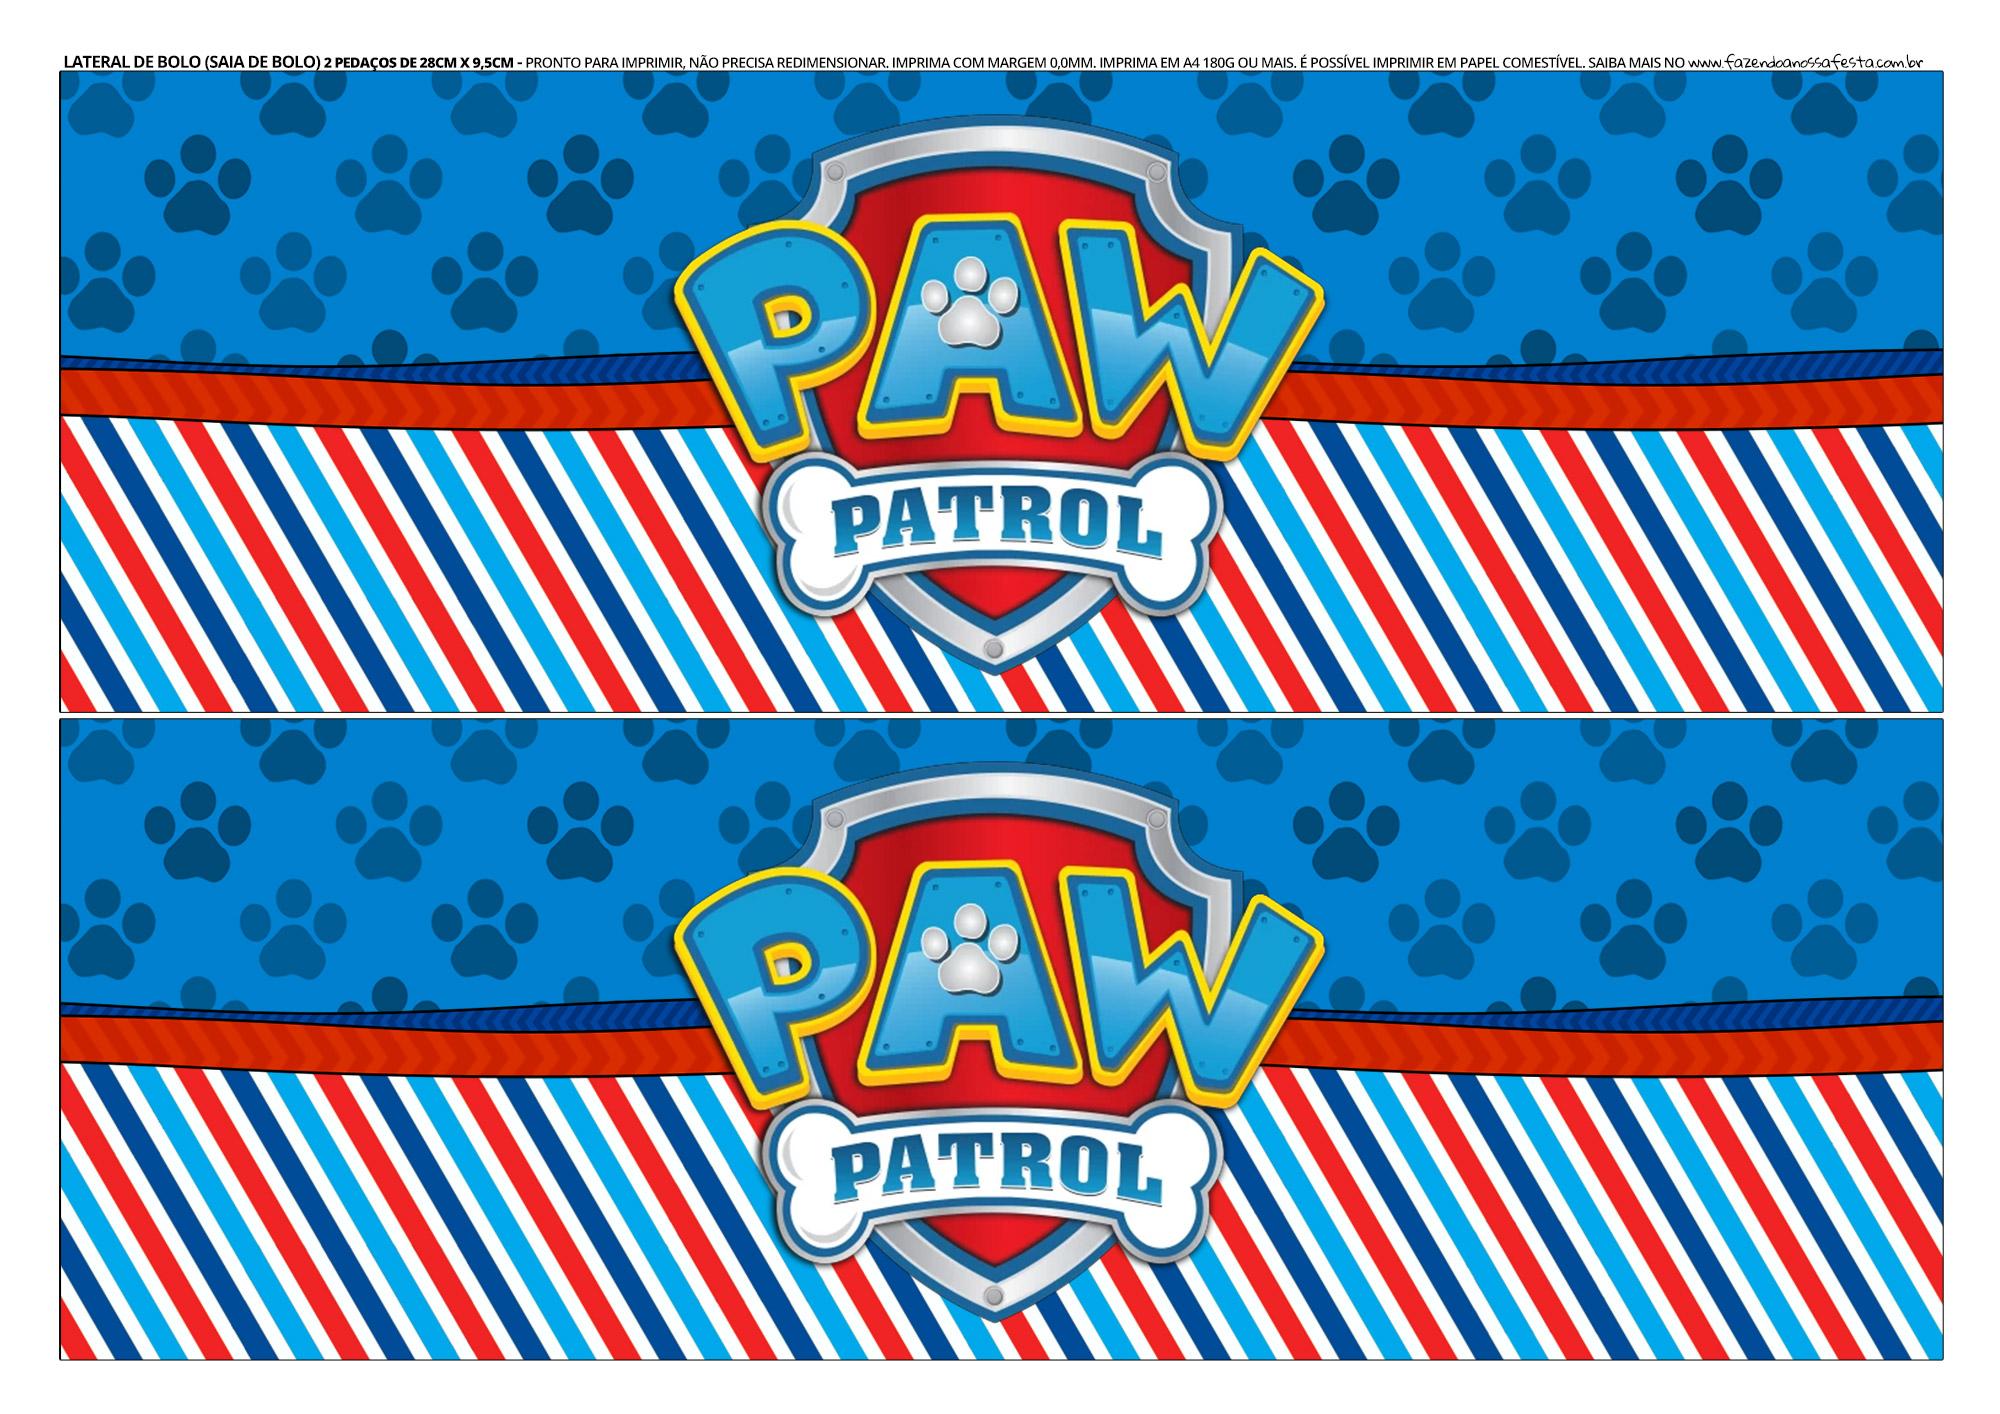 Faixa Lateral de Bolo Patrulha Canina 4